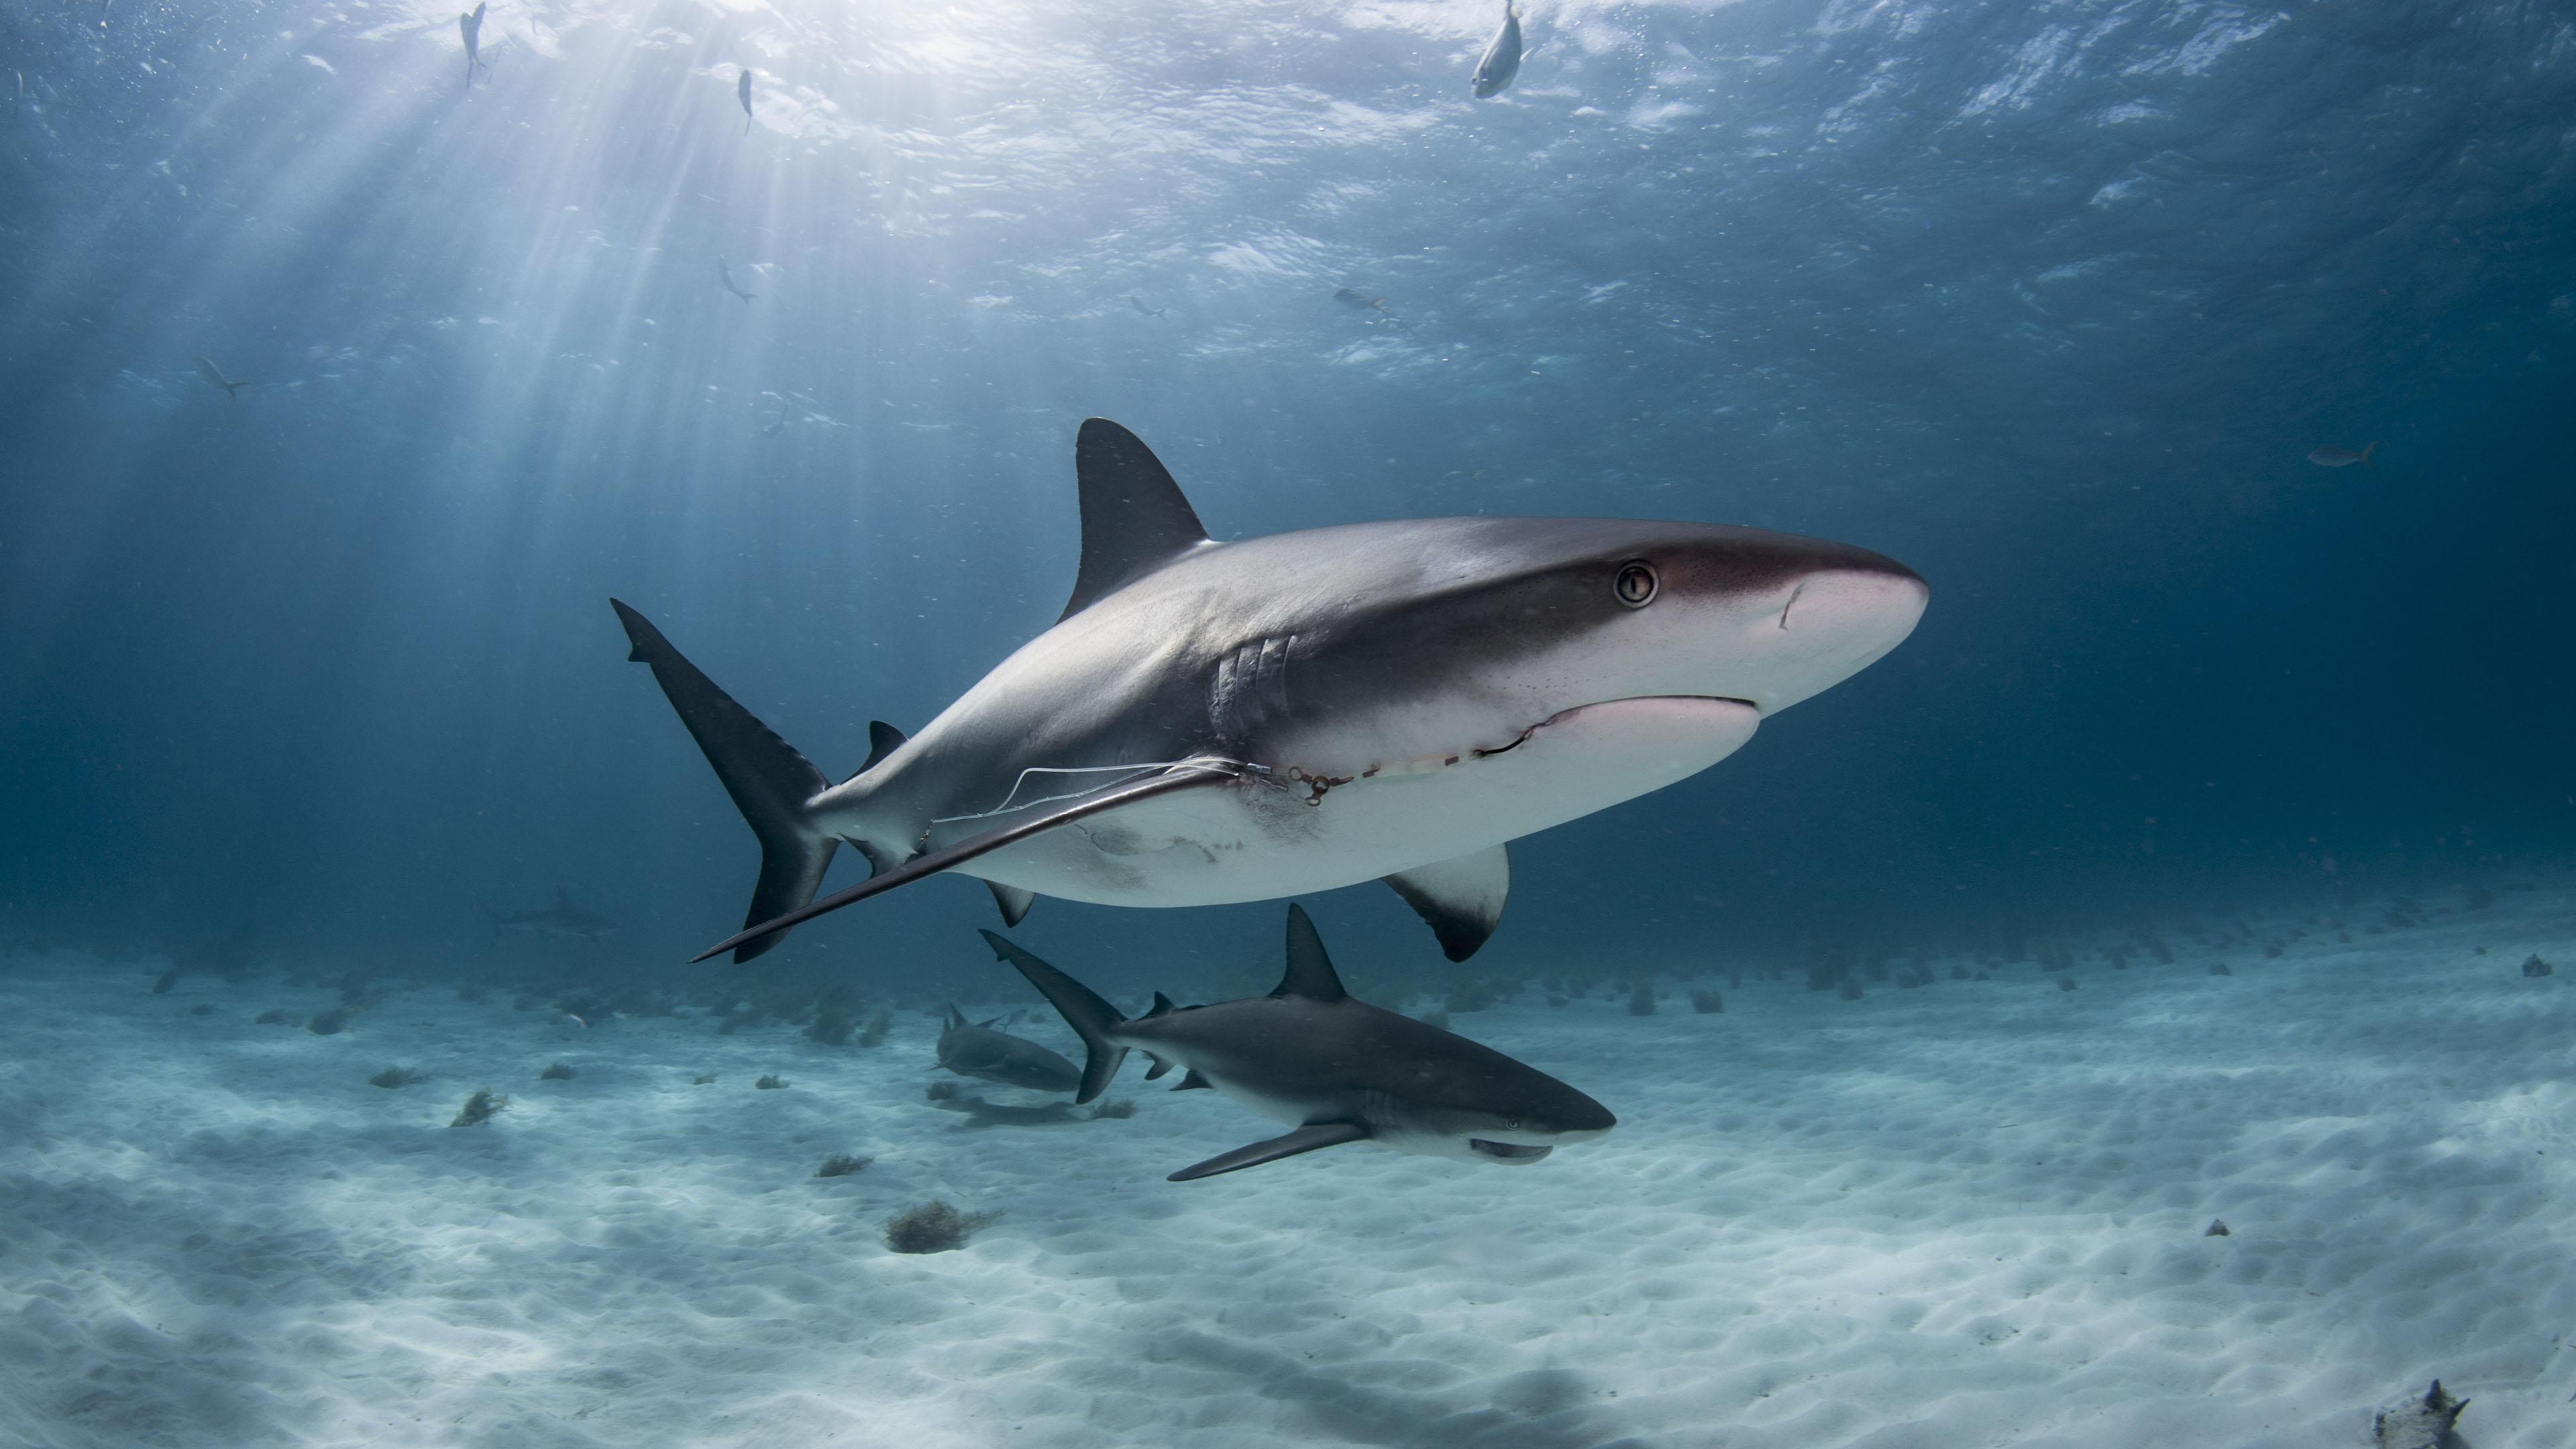 萌宠动物,海底世界,鲨鱼,深海,阳光,海洋